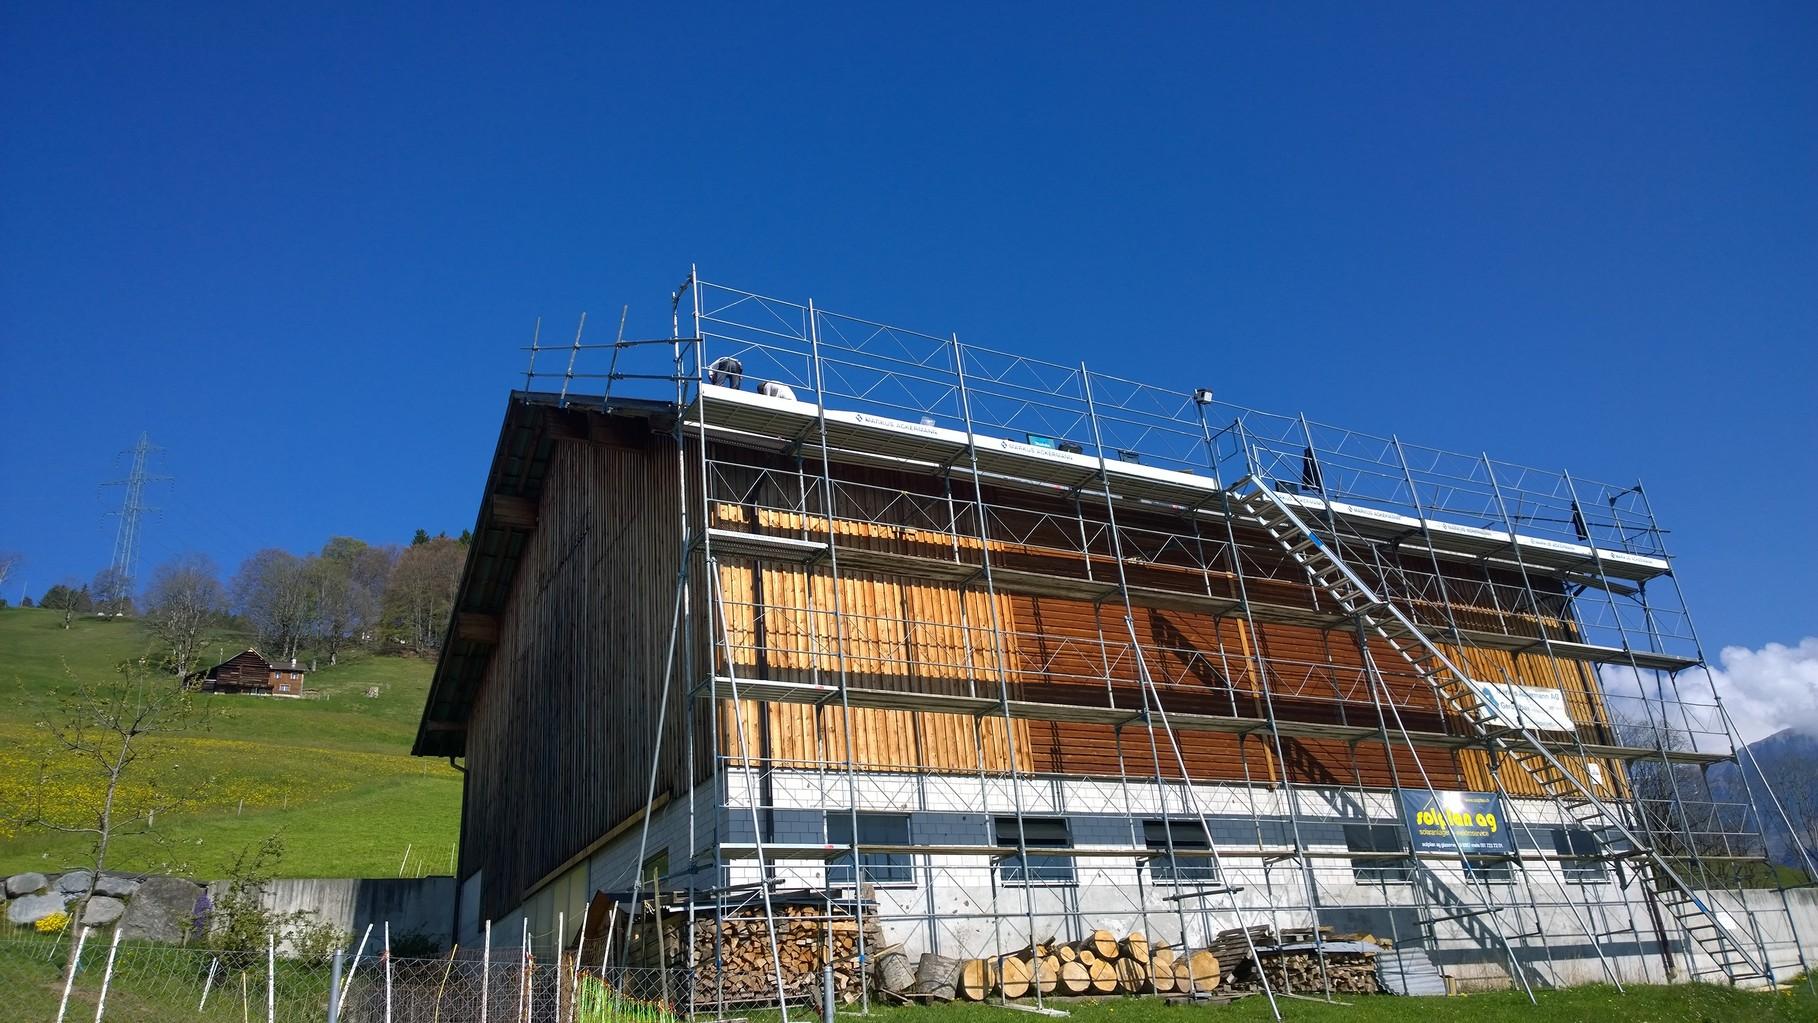 PV-Anlage 29.9kw in Flumserberg. Modul: Yingli Panda 275 Monosol Unterbau: IBC Top-Fix 200 zweilagig